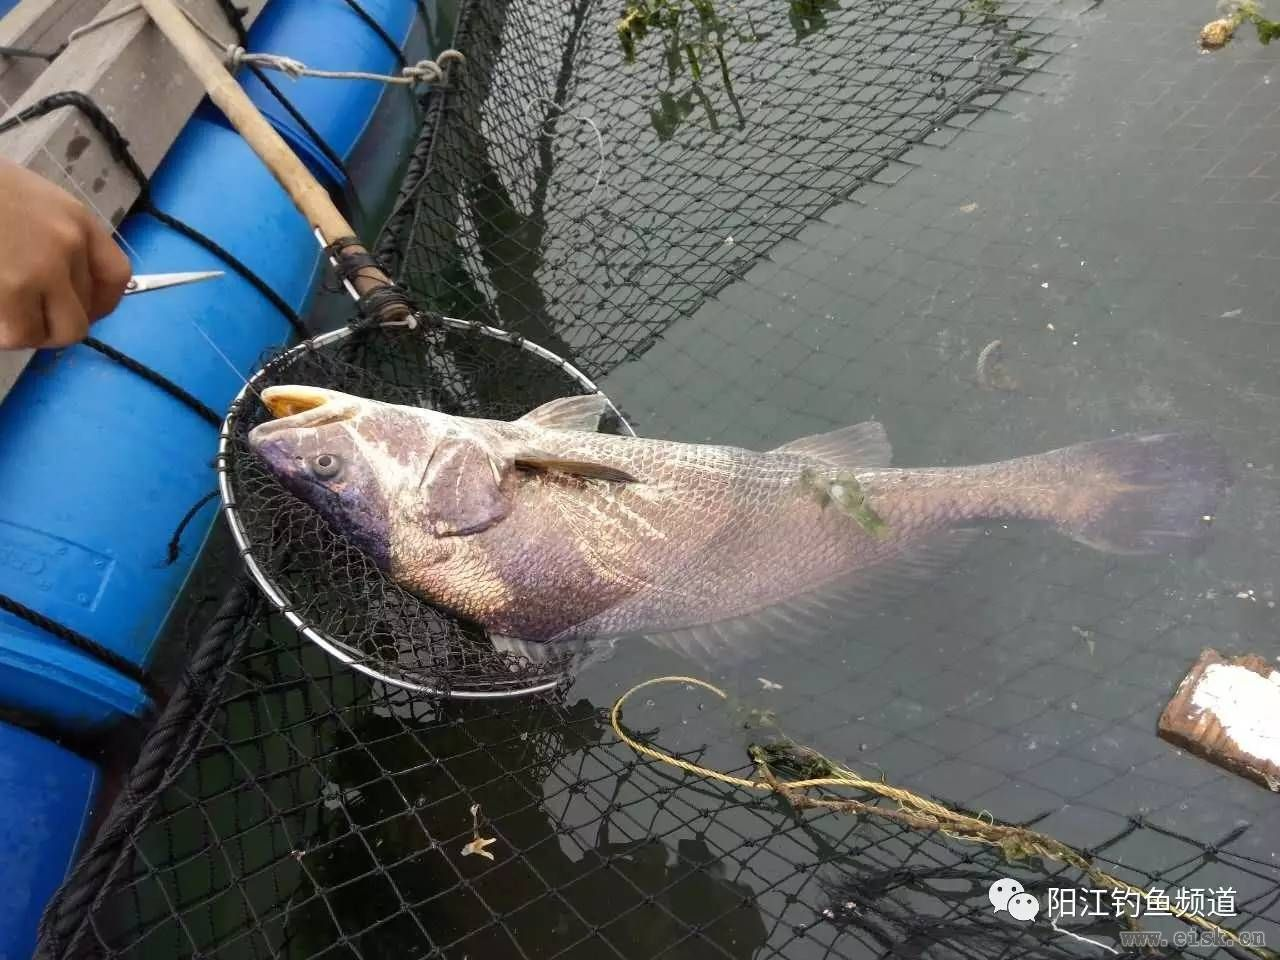 大鱼都是别人钓的 我只能钓钓小鱼